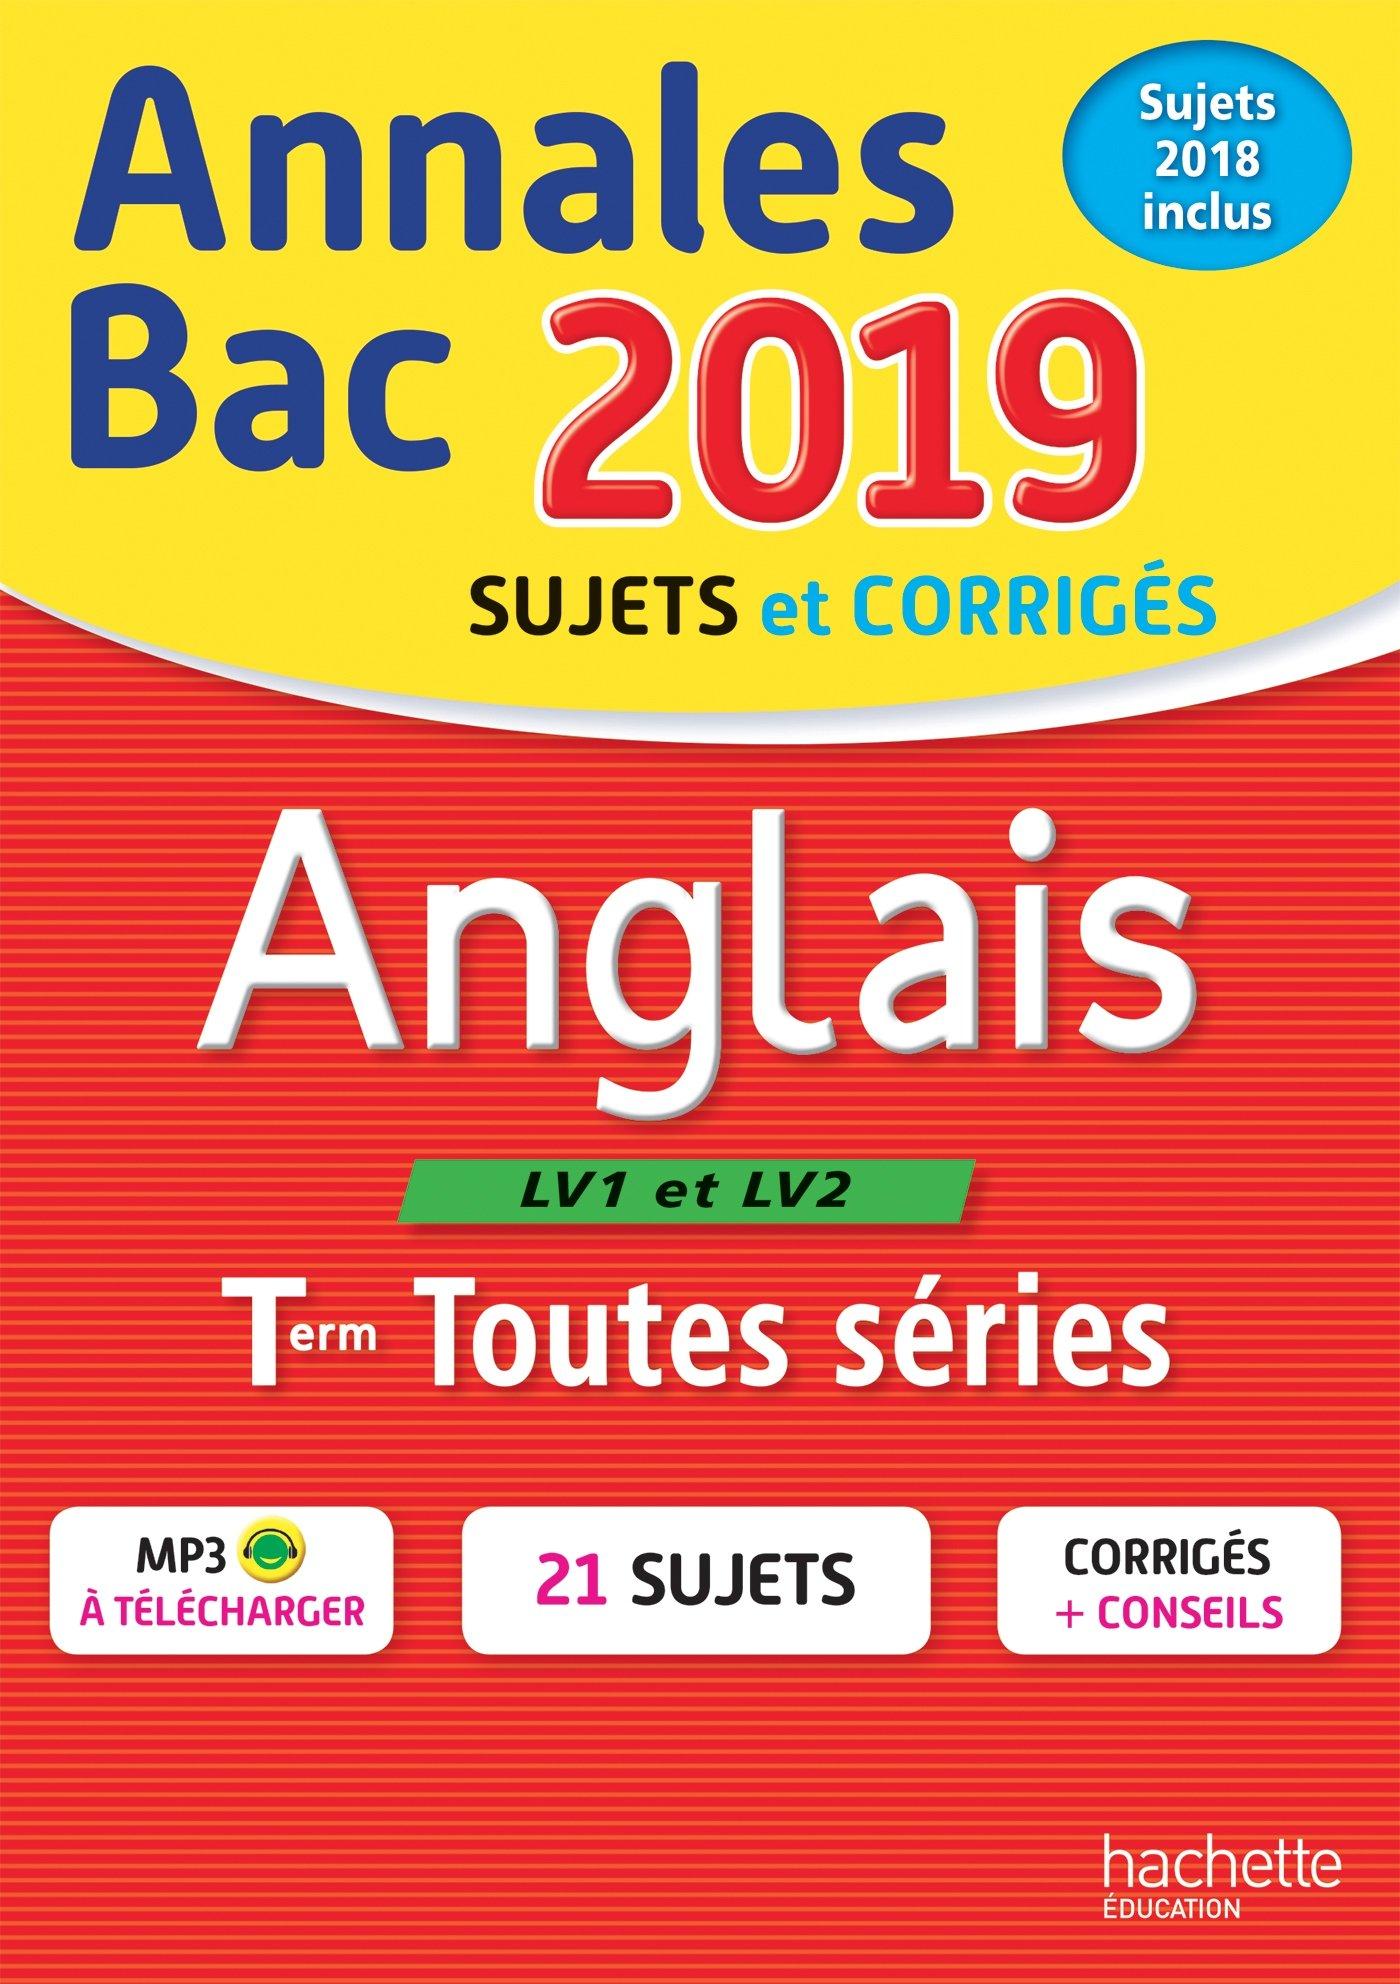 Annales Bac 2019 Anglais Tles Toutes Séries Annales du Bac: Amazon.es: Edith Michèle Lallement, Laetitia Legrand, Joëlle Bicz Grassionot: Libros en idiomas ...